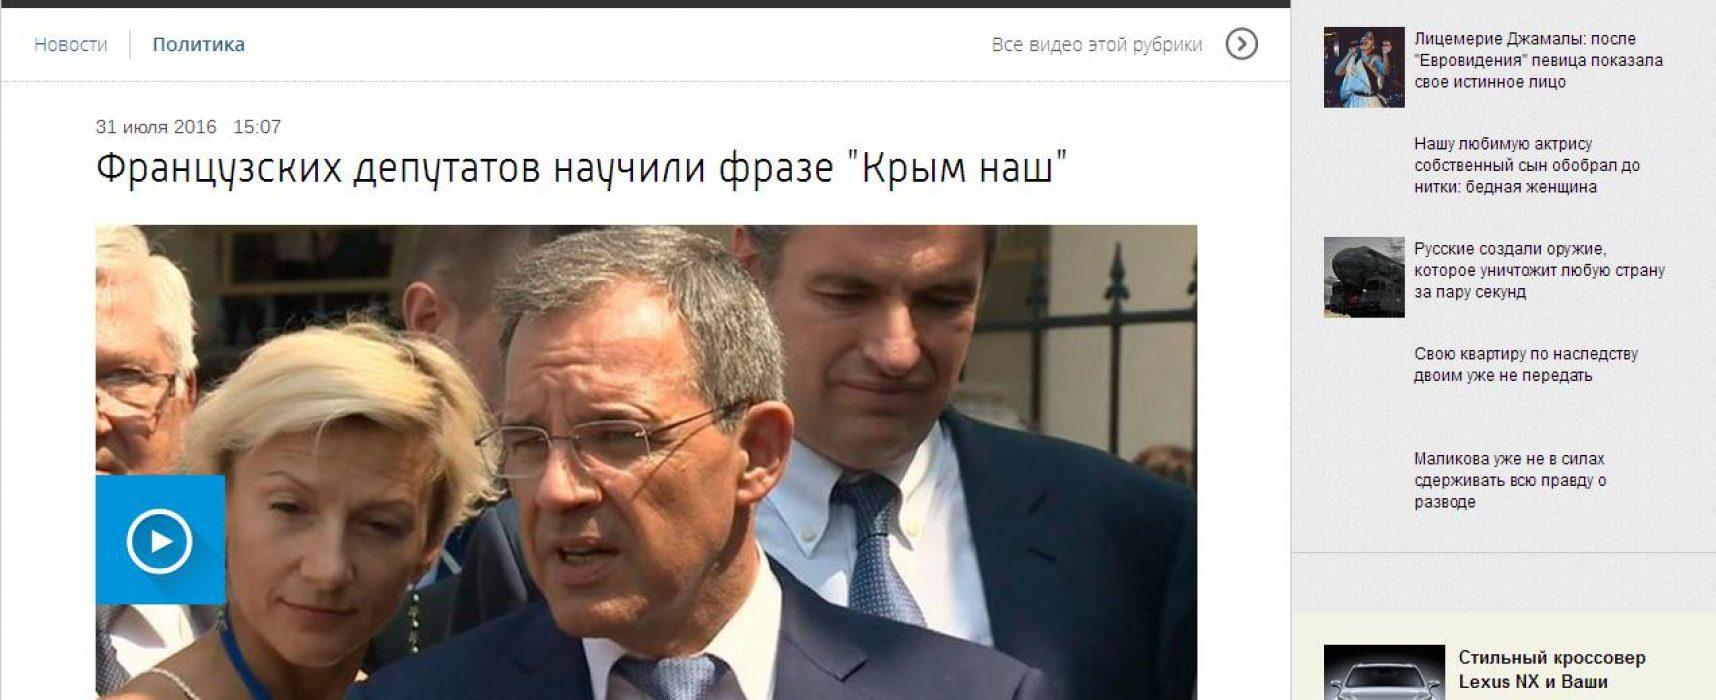 Как российские СМИ использовали визит французов в Крым в целях пропаганды